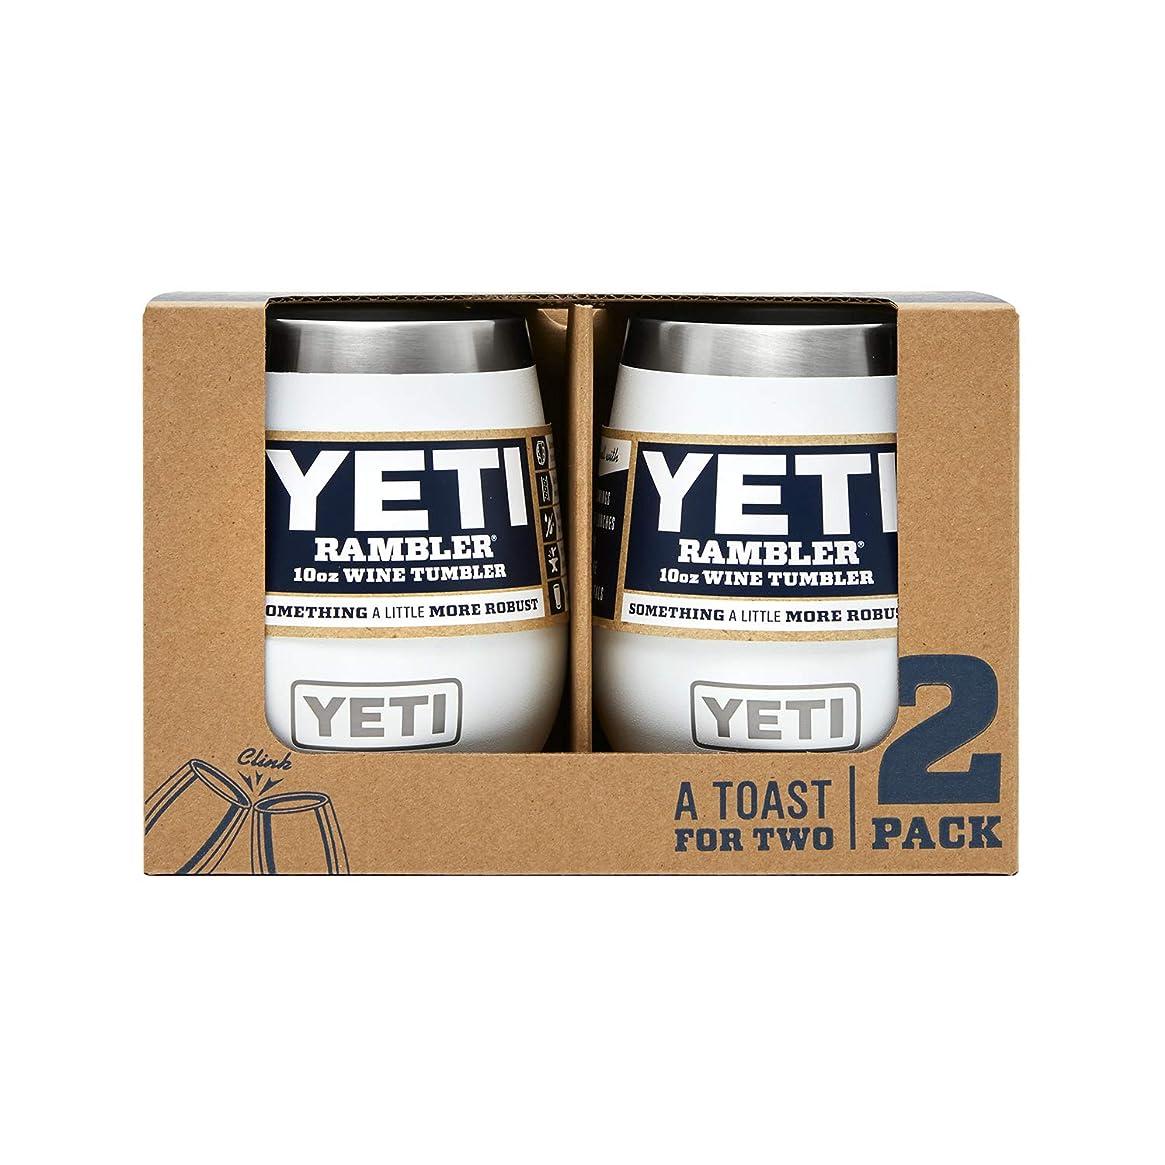 YETI Rambler 10 oz Stainless Steel Vacuum Insulated Wine Tumbler